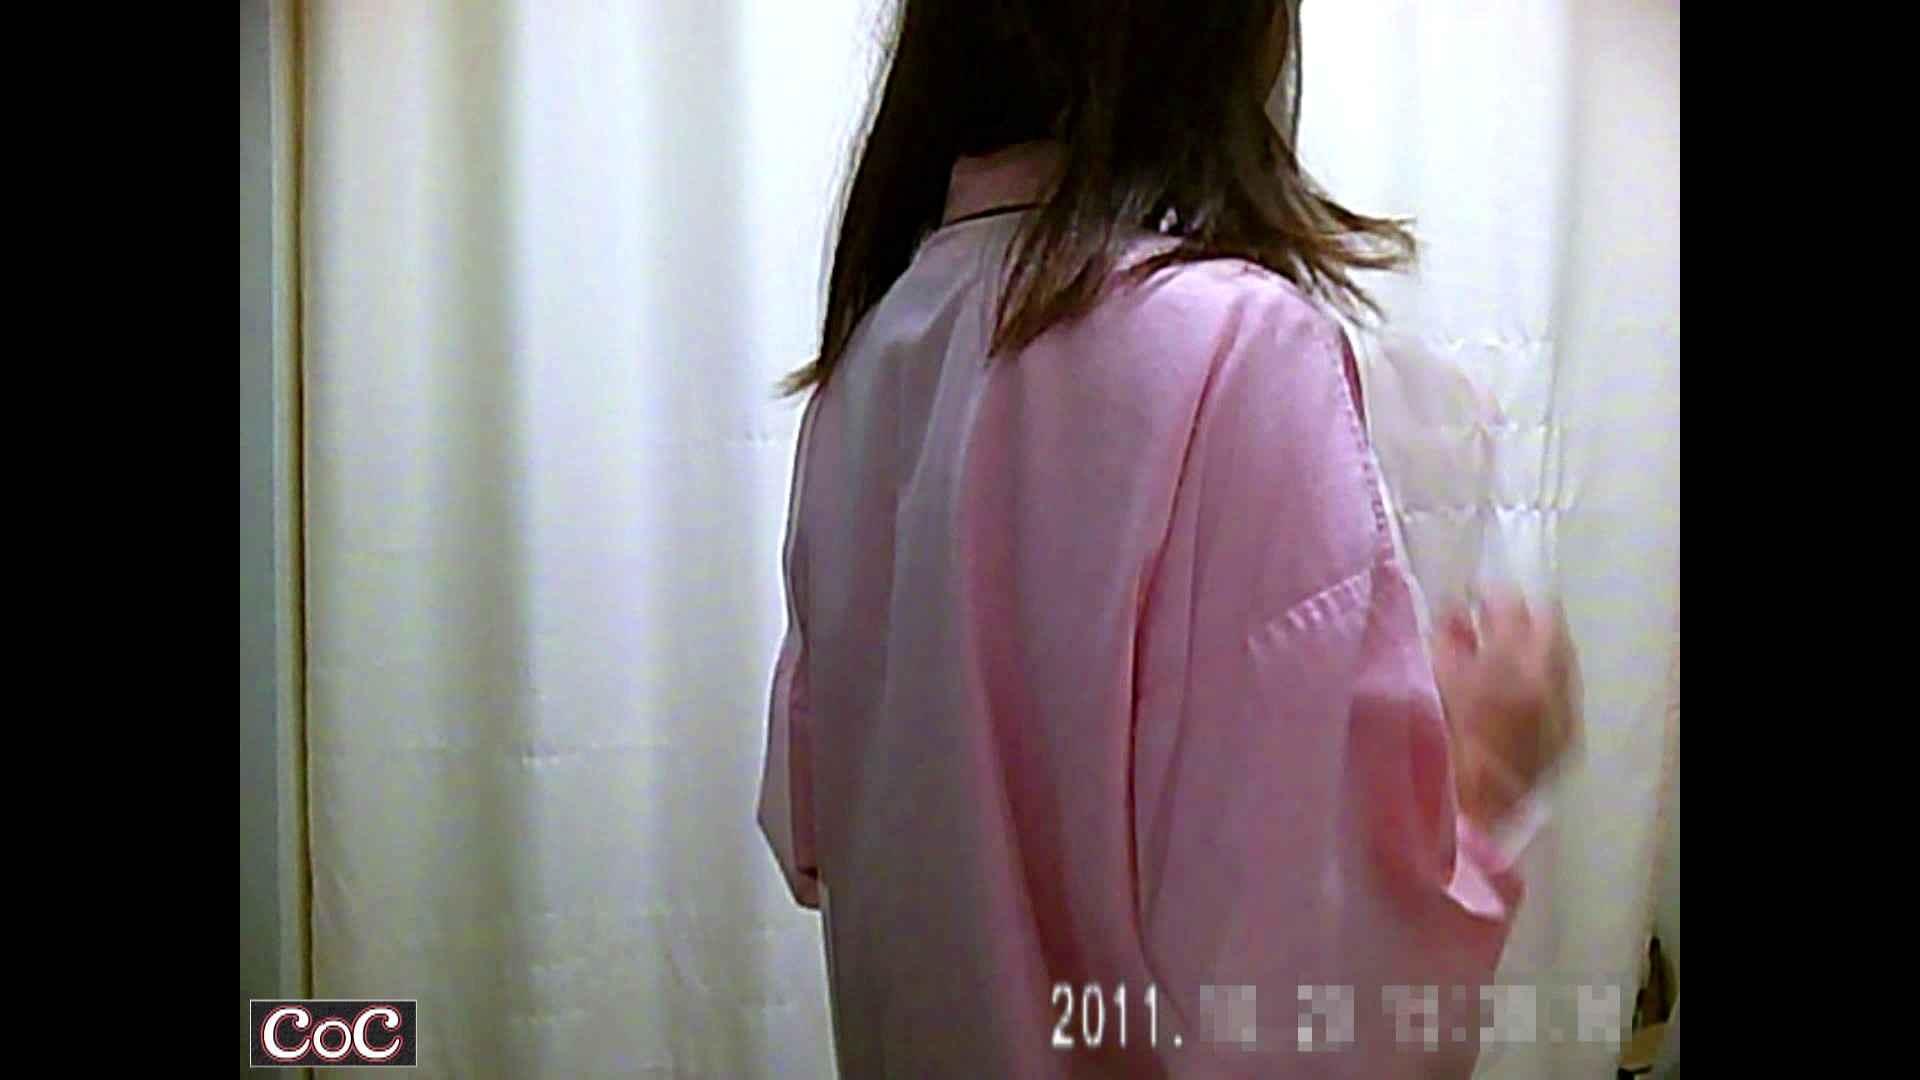 病院おもいっきり着替え! vol.64 おっぱい スケベ動画紹介 83PIX 4